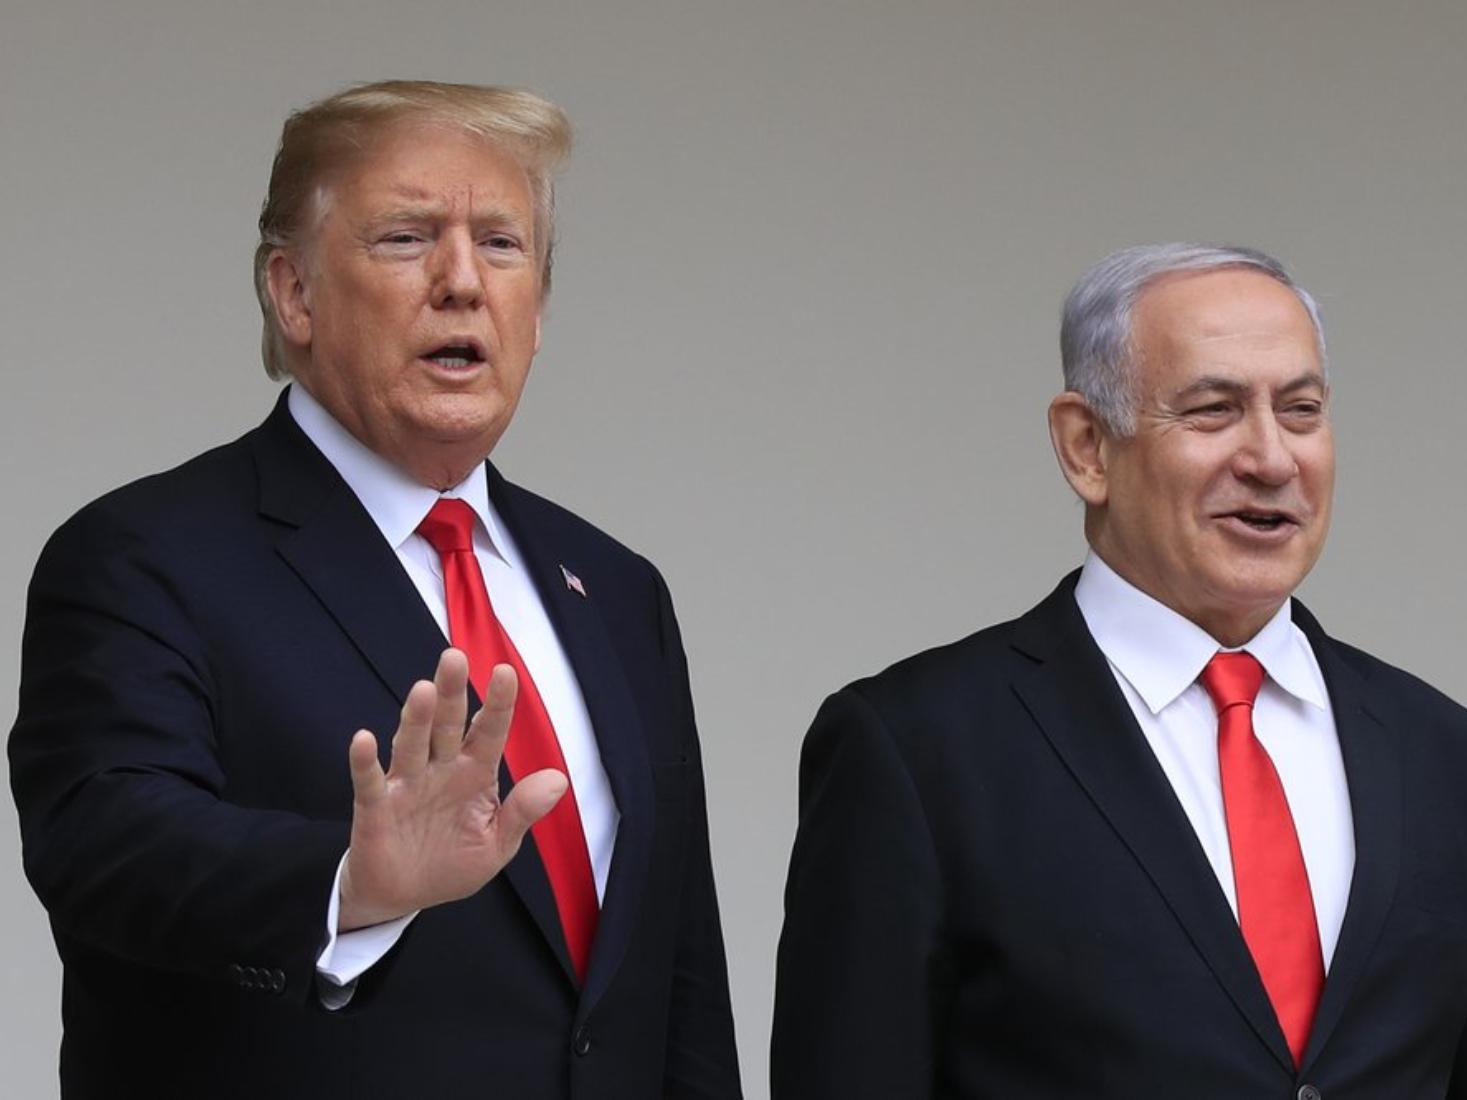 Trump meets Israeli PM ahead of releasing Israel-Palestinian peace plan